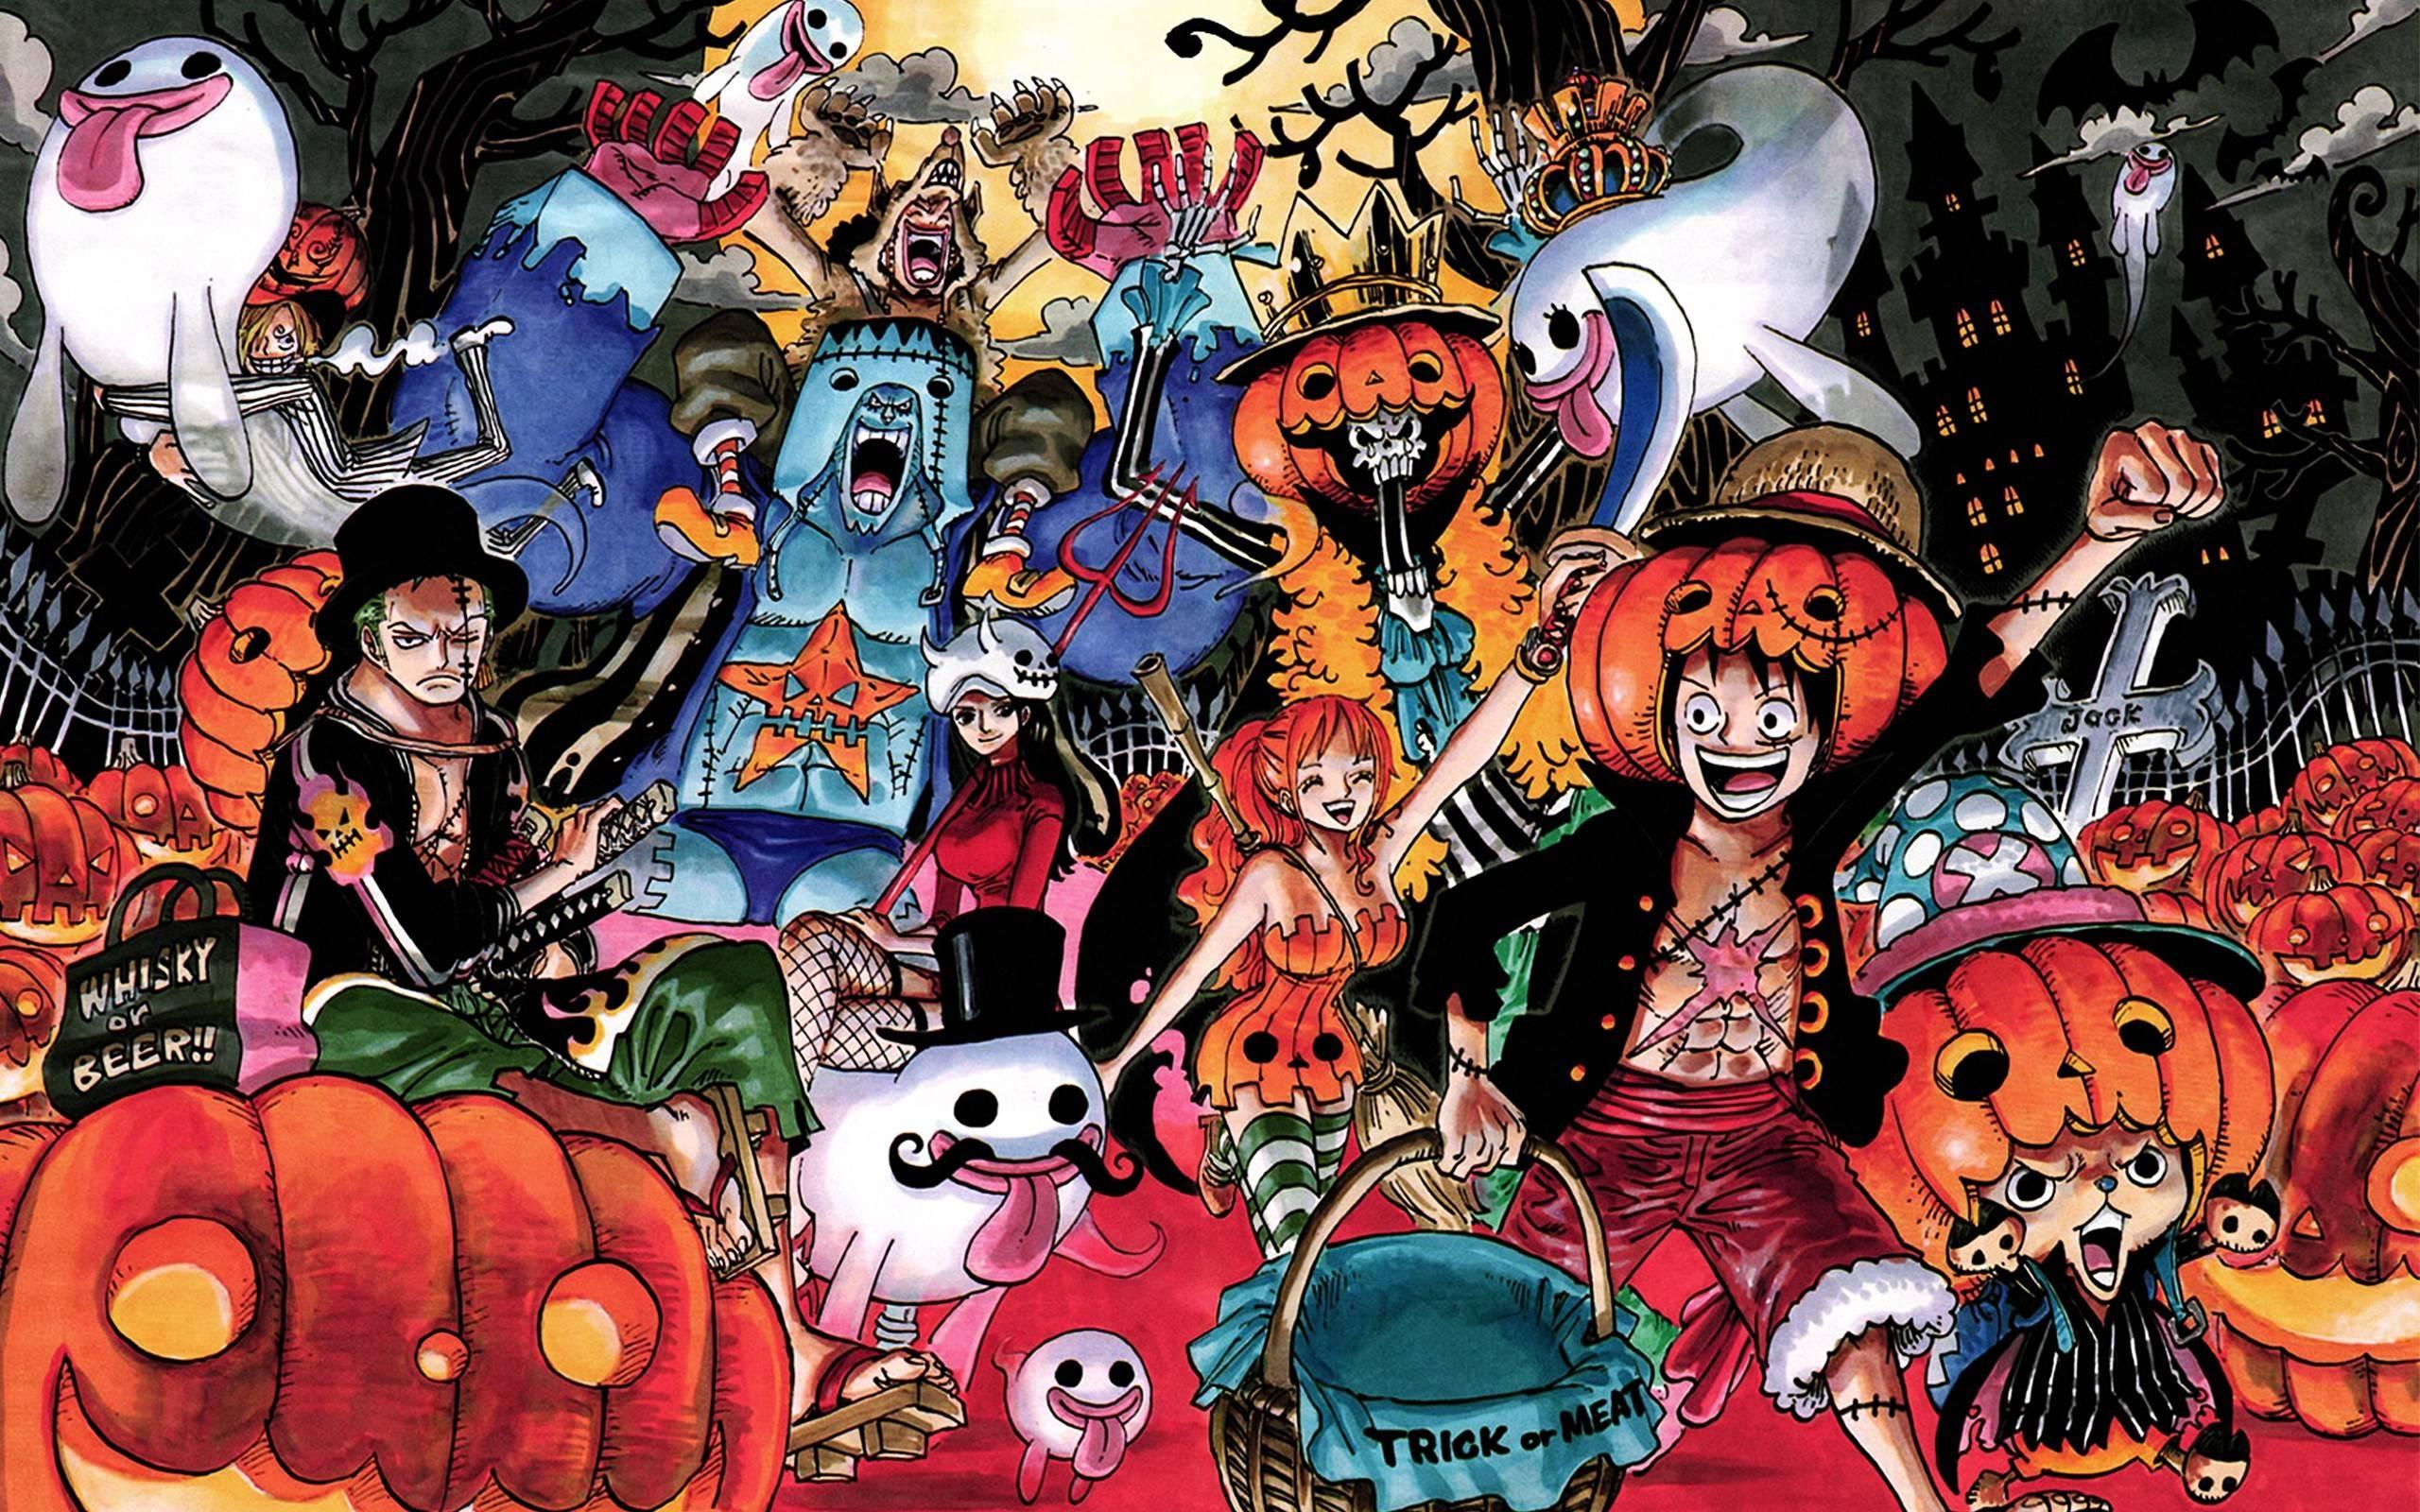 Download Gambar Wallpaper One Piece - Kumpulan Wallpaper à Dessin Animé De One Piece